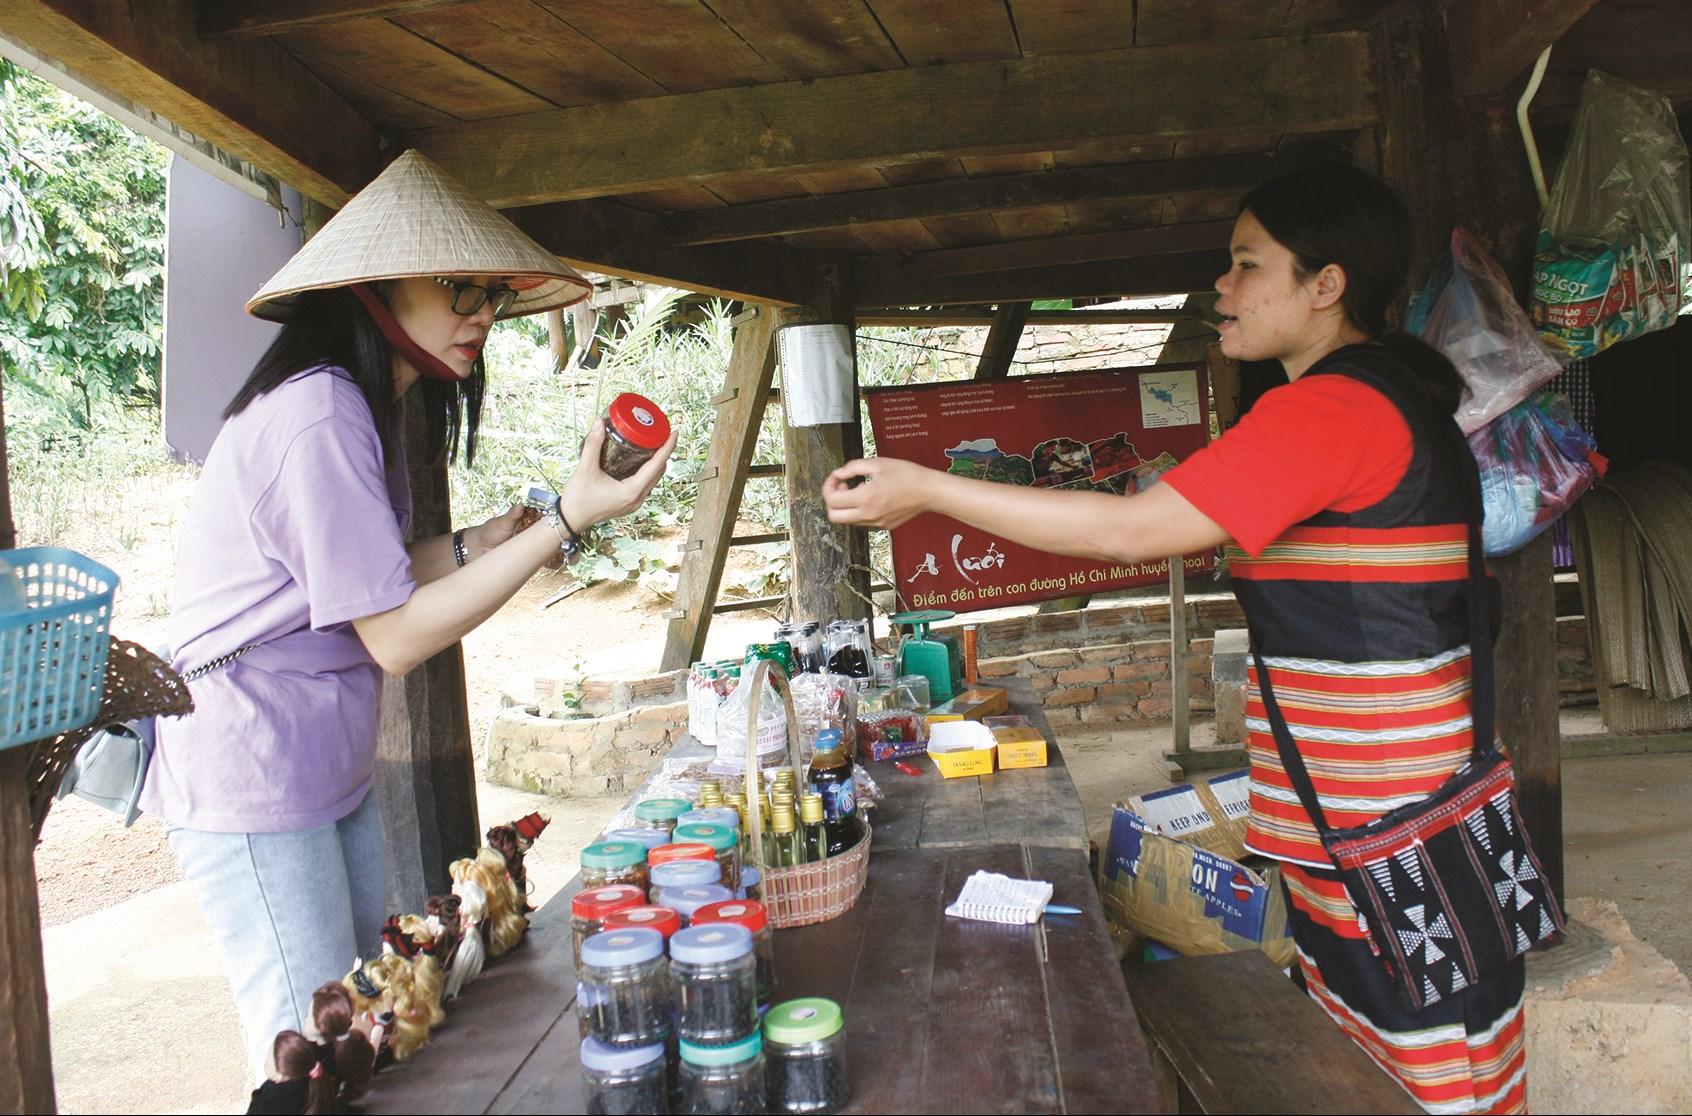 Chị Hồ Thị Nhôi (bên phai) giới thiệu sản phẩm, bán cho khách du lịch